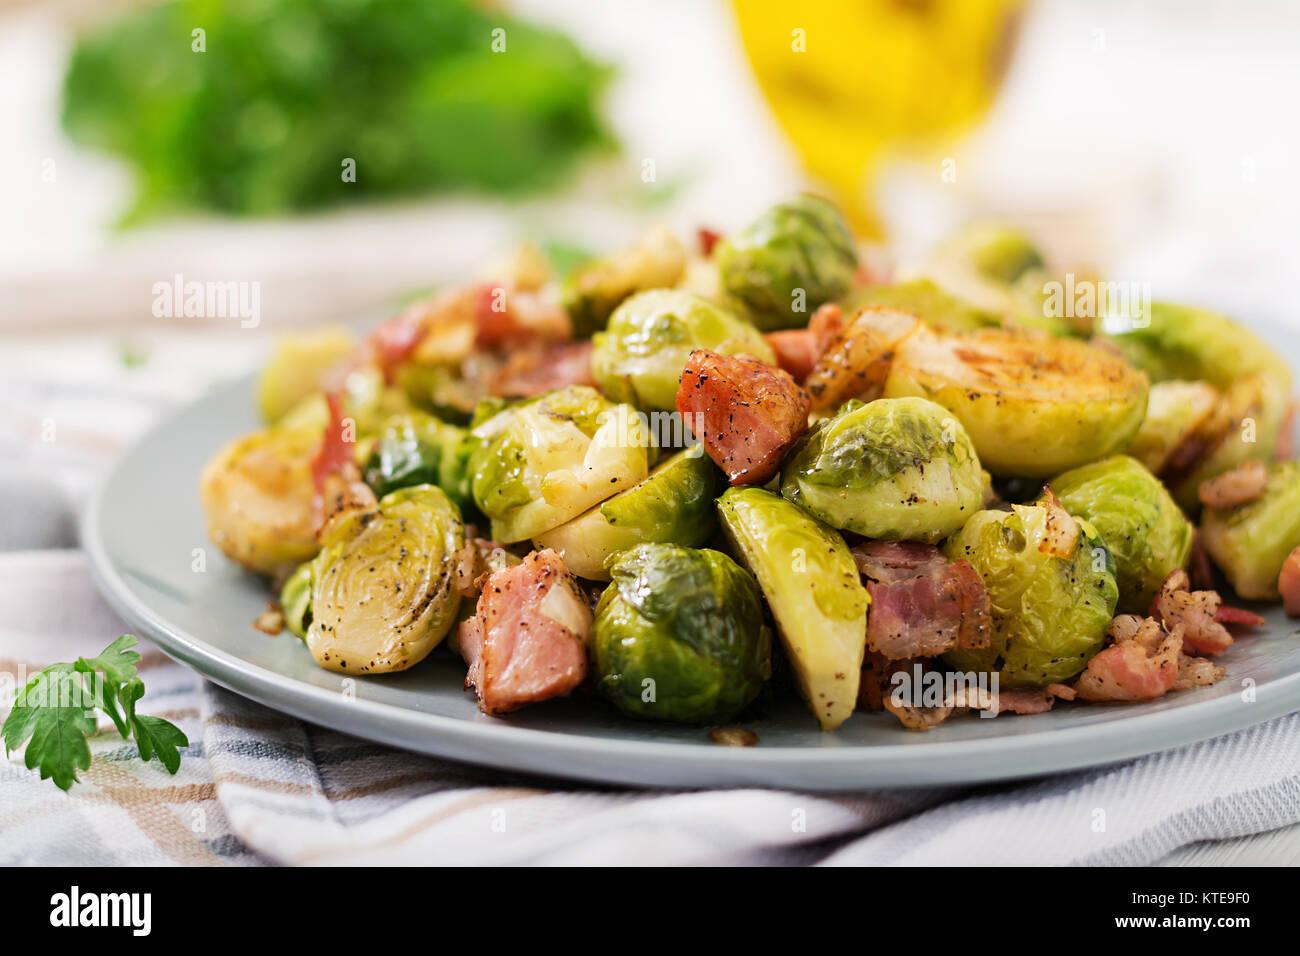 Les choux de Bruxelles. Choux de Bruxelles aux lardons grillés. Délicieux déjeuner. Banque D'Images